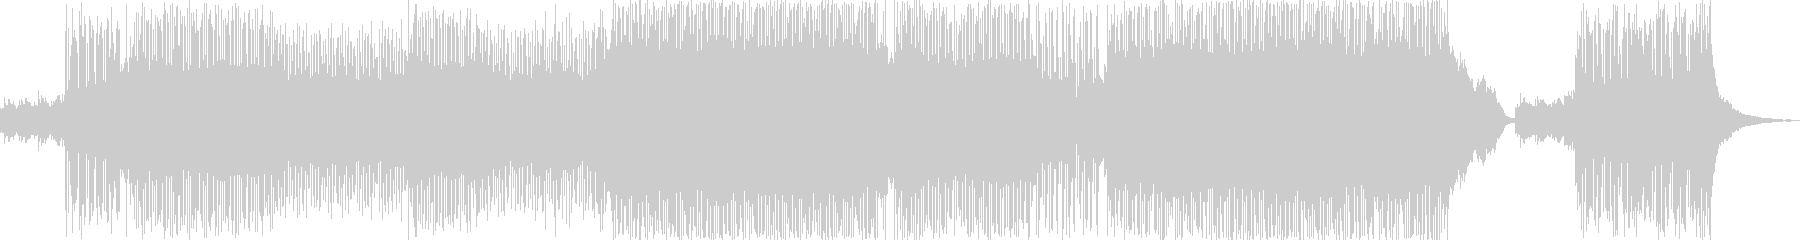 映画のエンドロールをイメージしたインストの未再生の波形